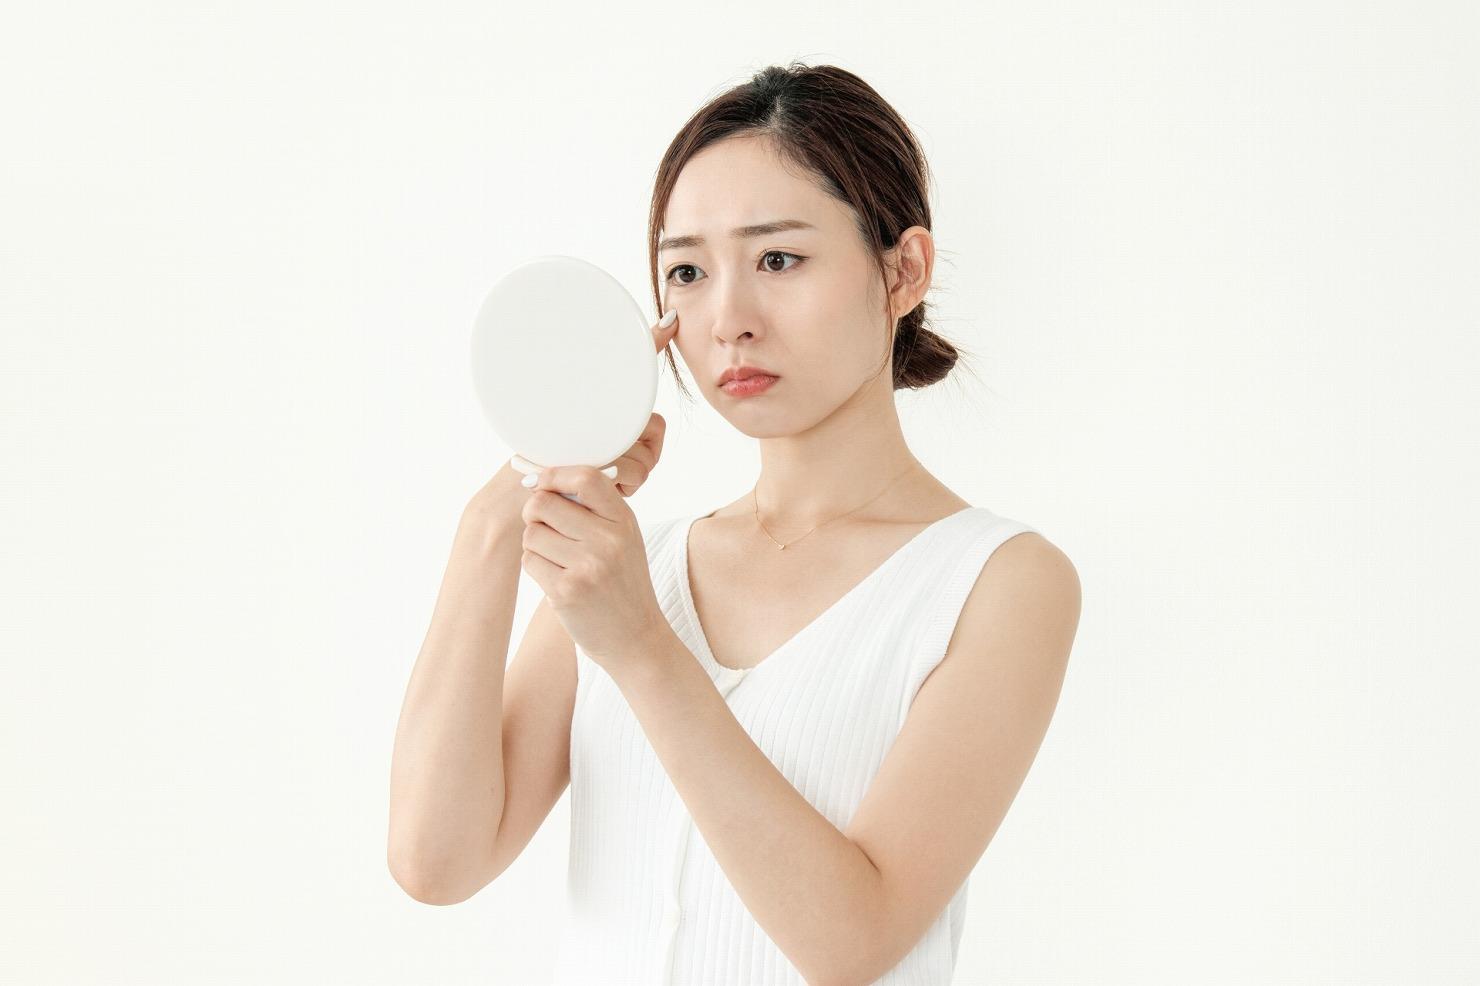 大人ニキビに悩むママ向け! おすすめ化粧水3選